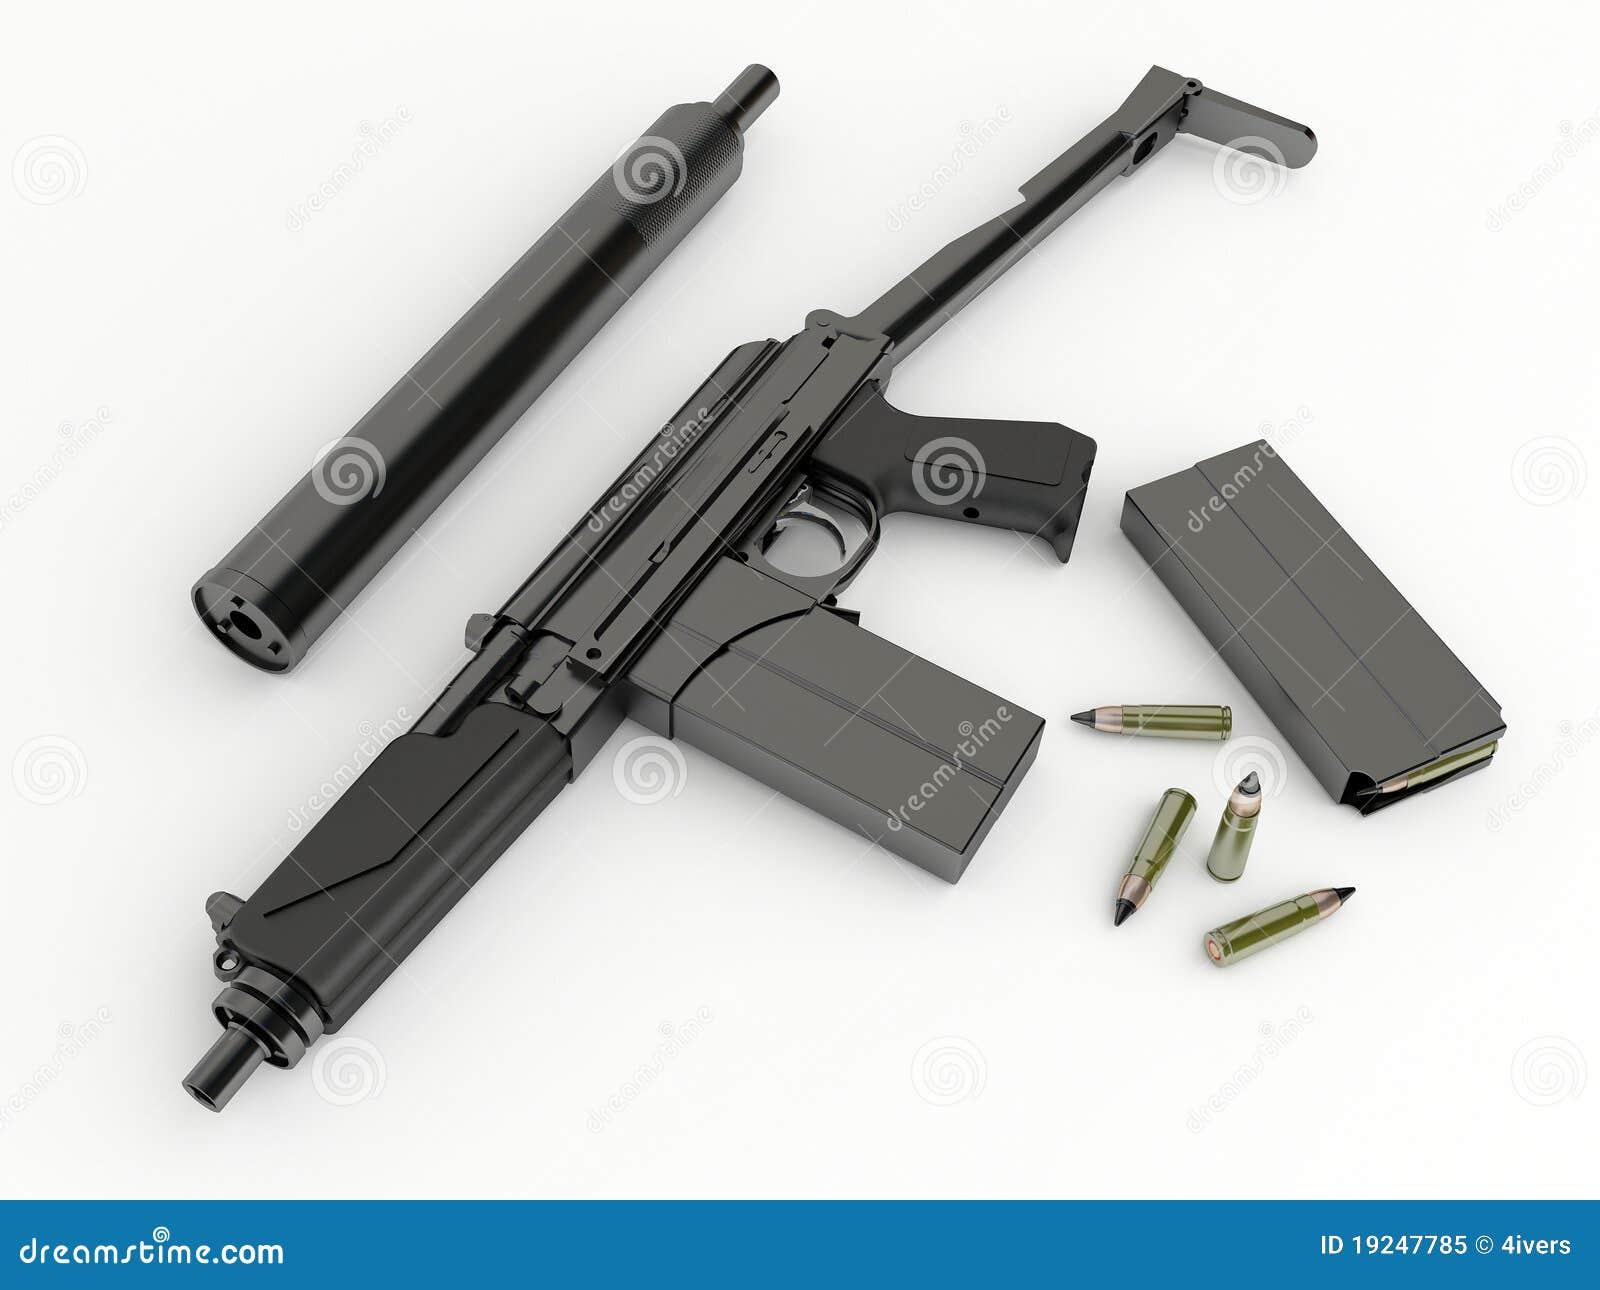 compact submachinegun 9a91 with silenced stock